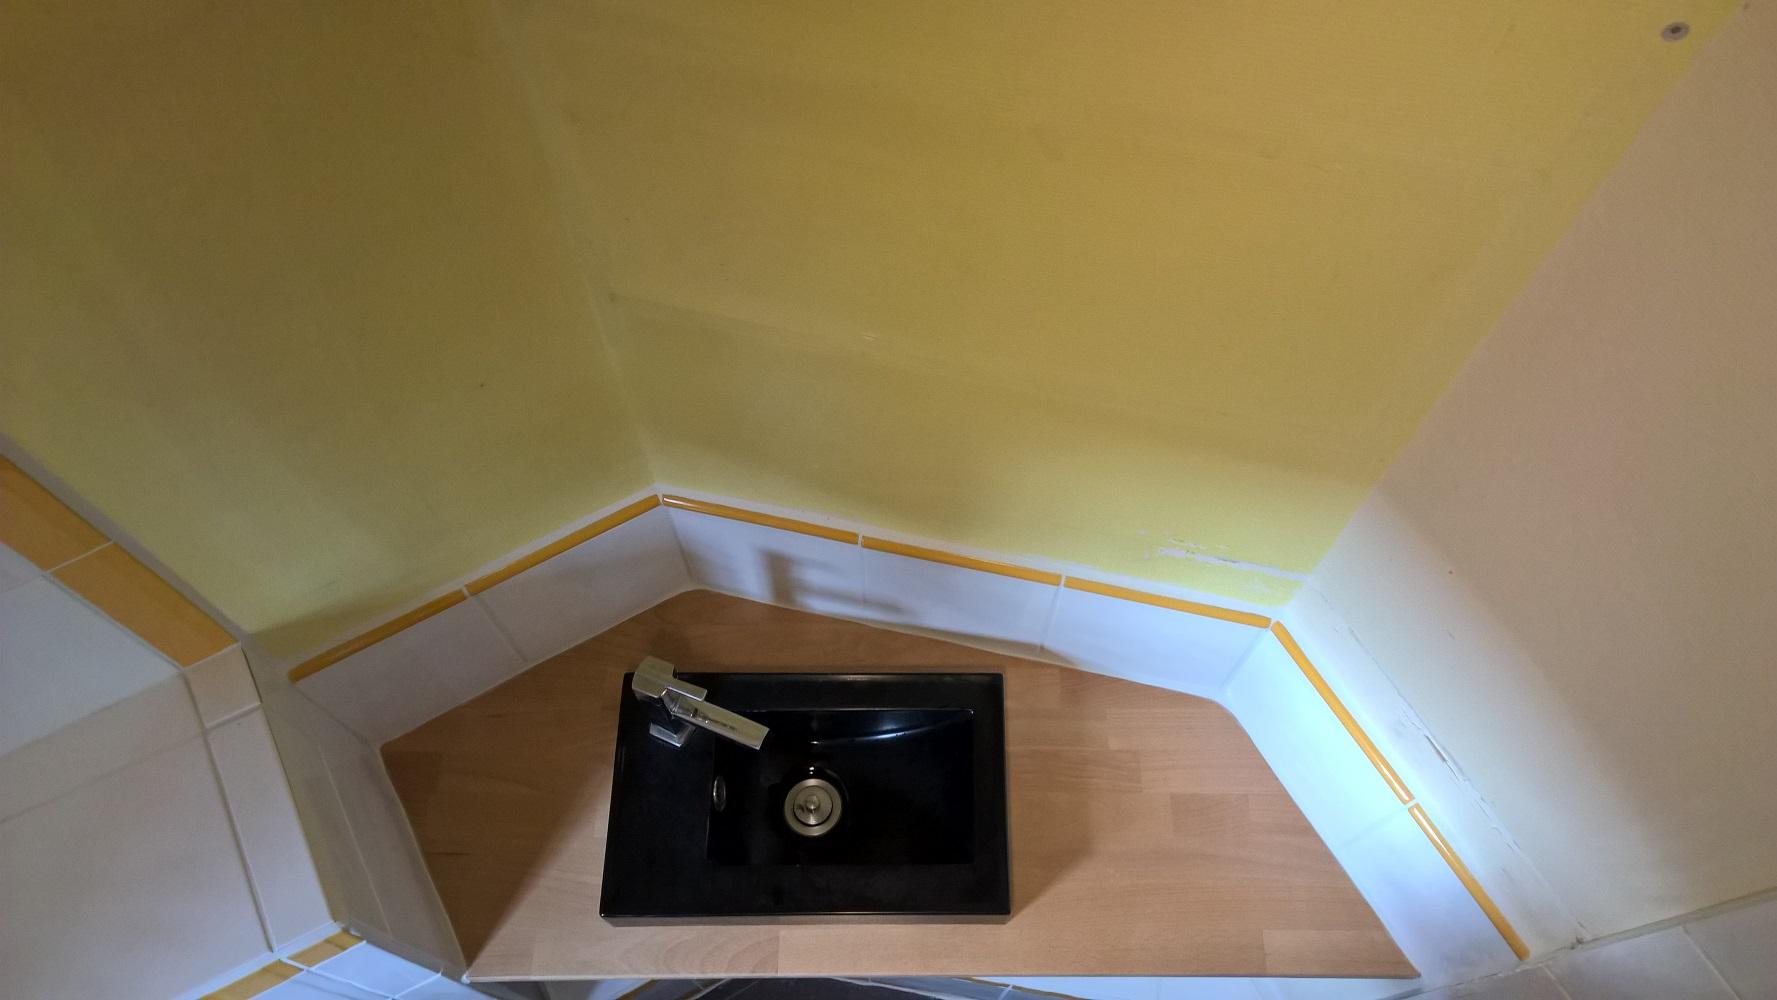 lavabo et plan de travail en vue de dessus